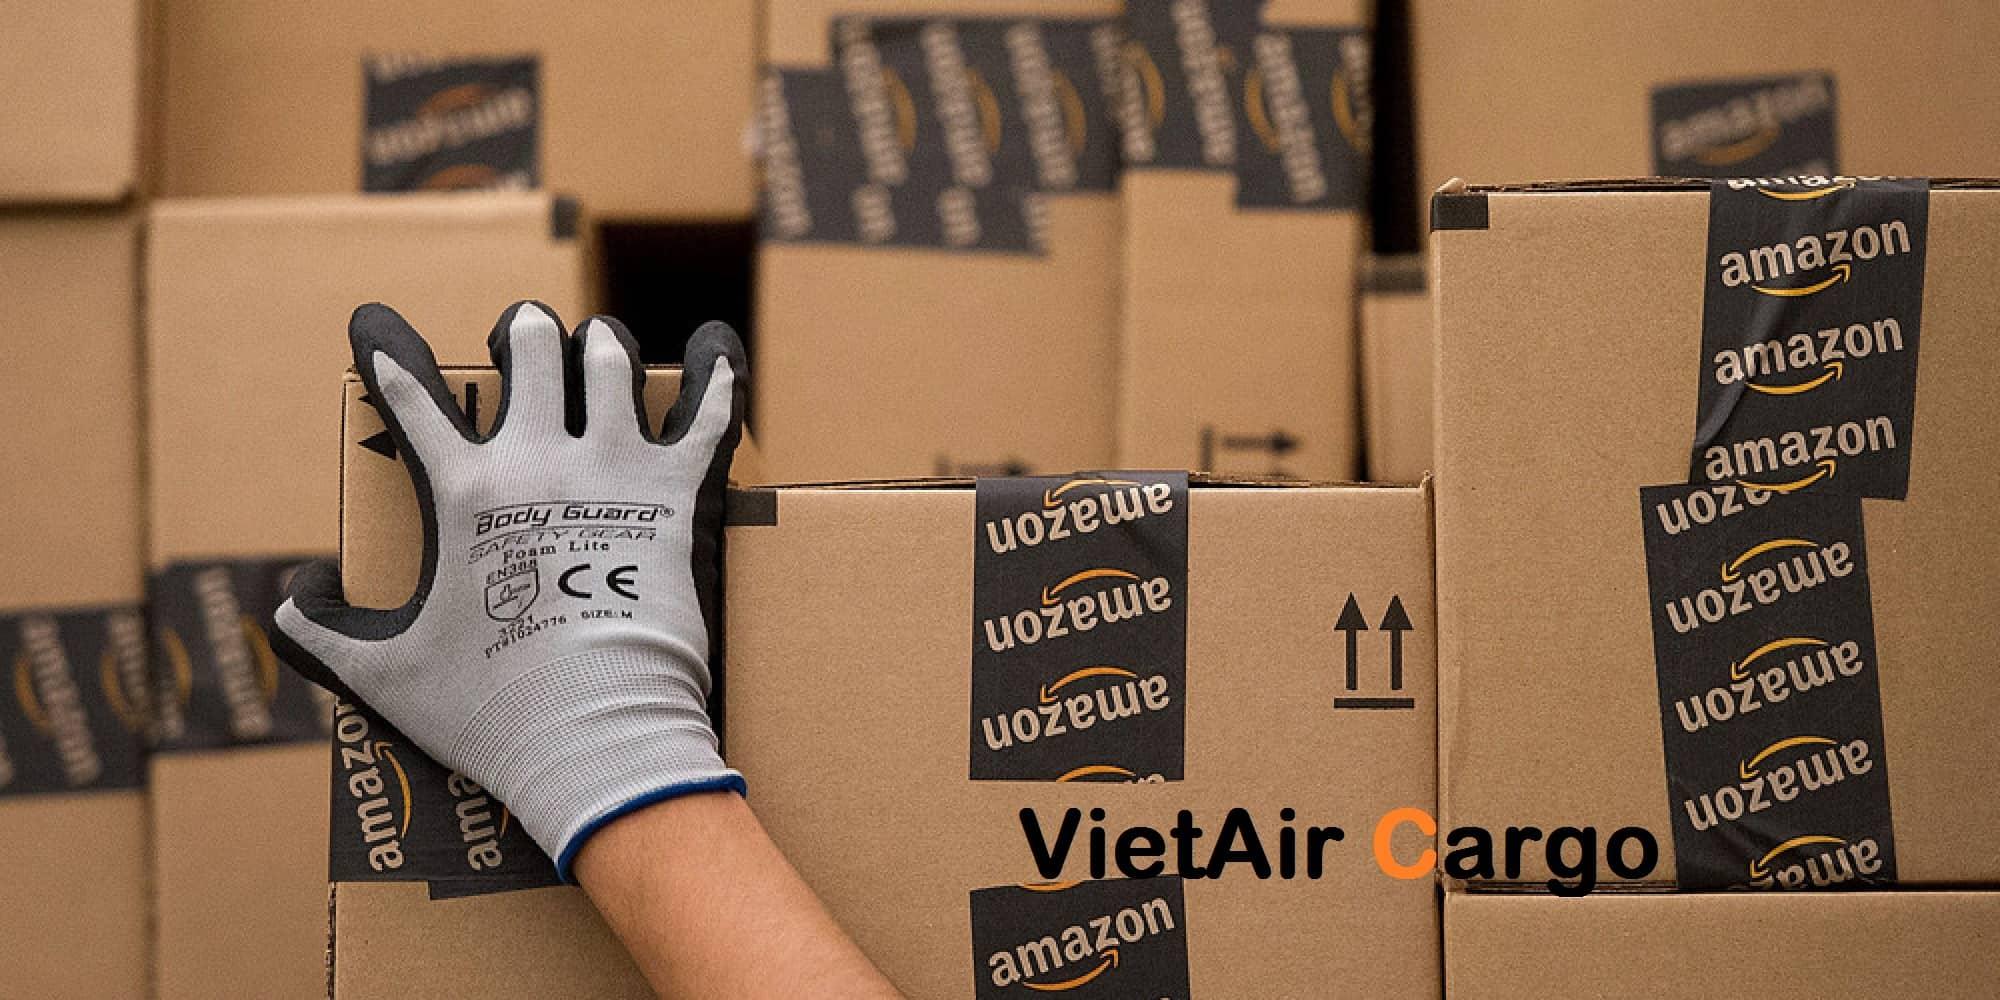 nhan-dat-mua-hang-tren-amazon-gia-re-tai-ha-noi-2 Nhận đặt mua hàng trên amazon giá rẻ tại Hà Nội